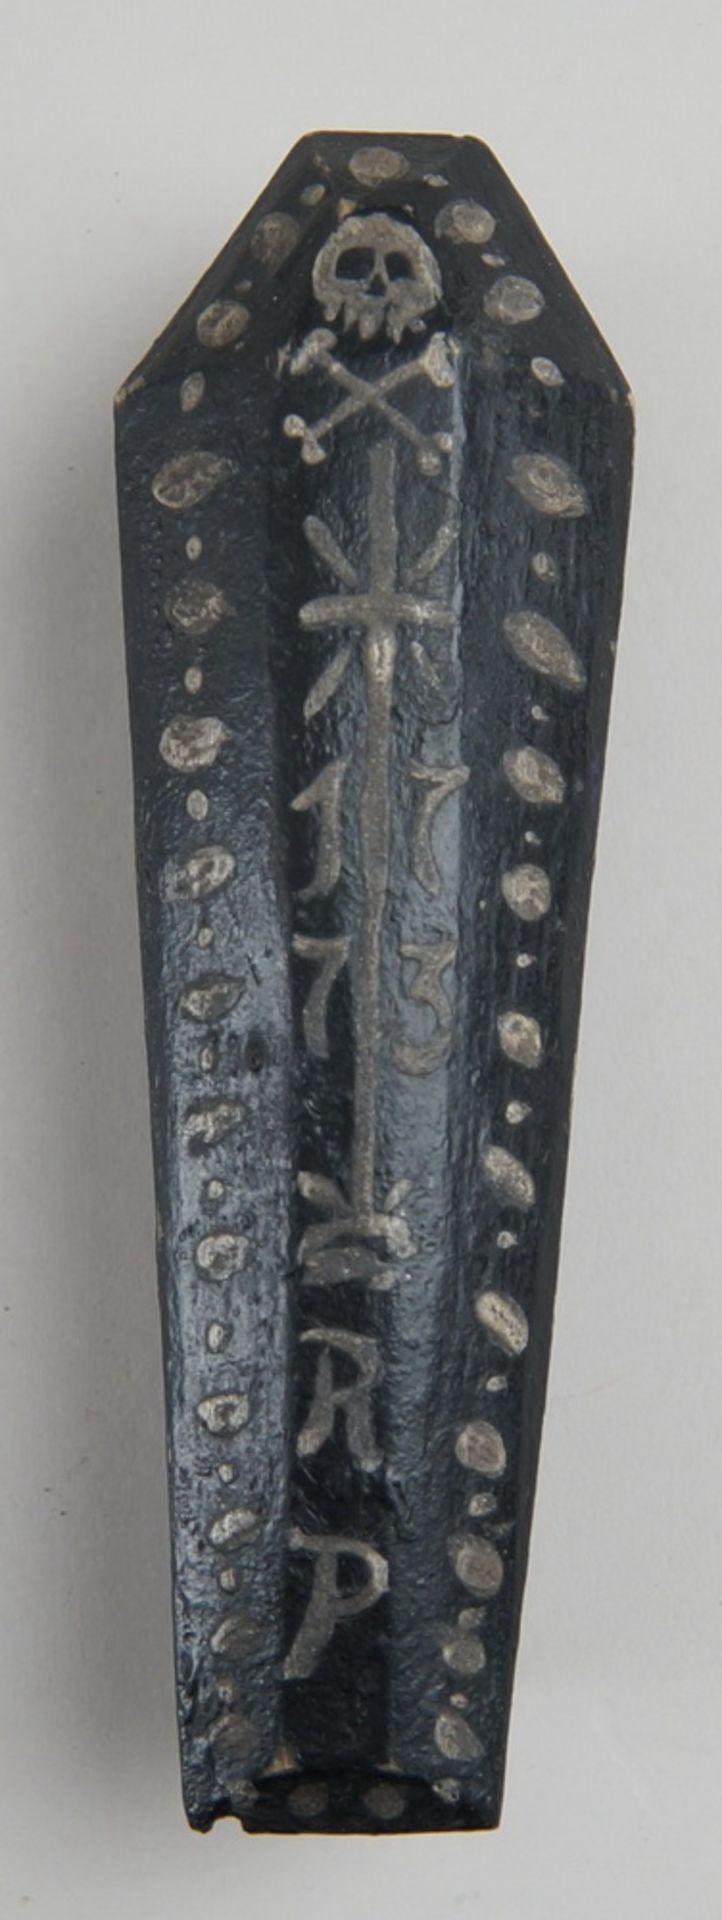 Los 20 - Zartes Tödlein / Memento Mori, Skelett in einem Holzsarg, hinter Glas, mit Reliquien,datiert 1773,